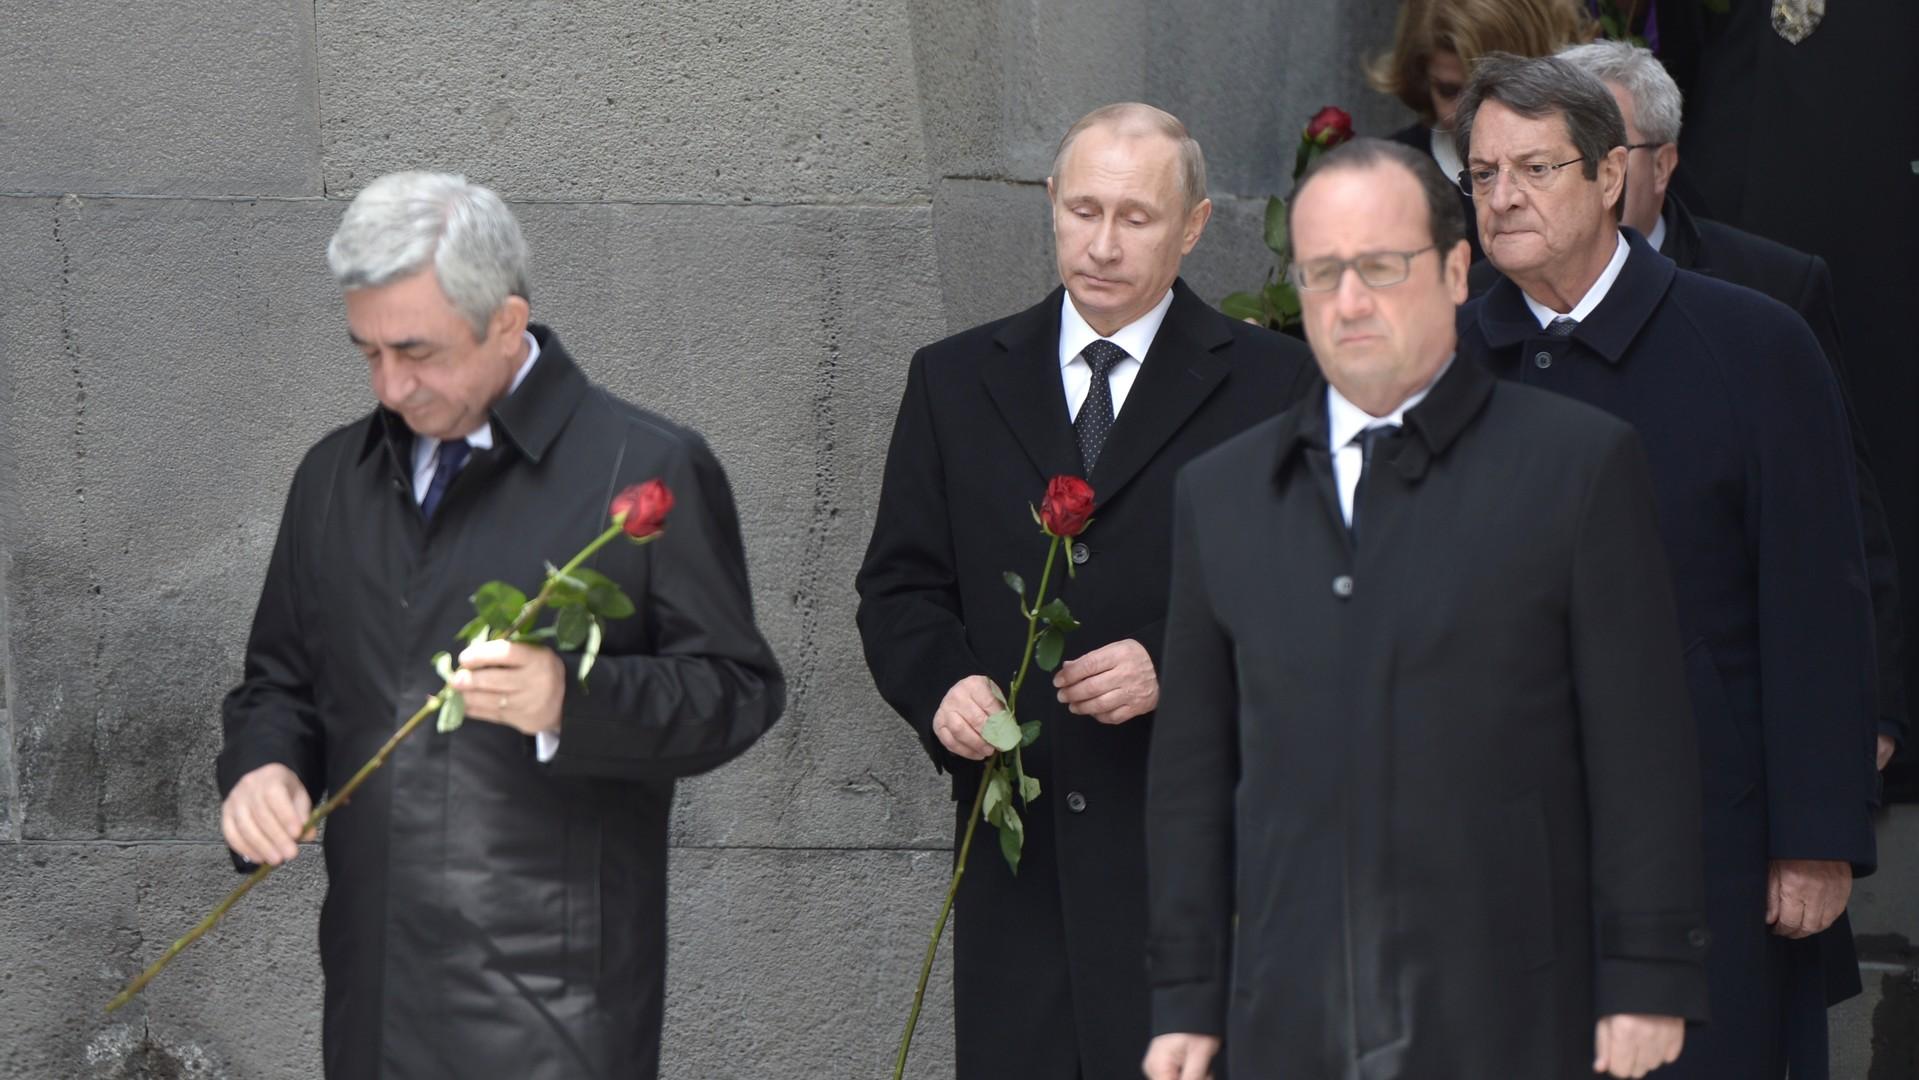 La cérémonie de commémoration du centenaire du Génocide arménien à Erevan